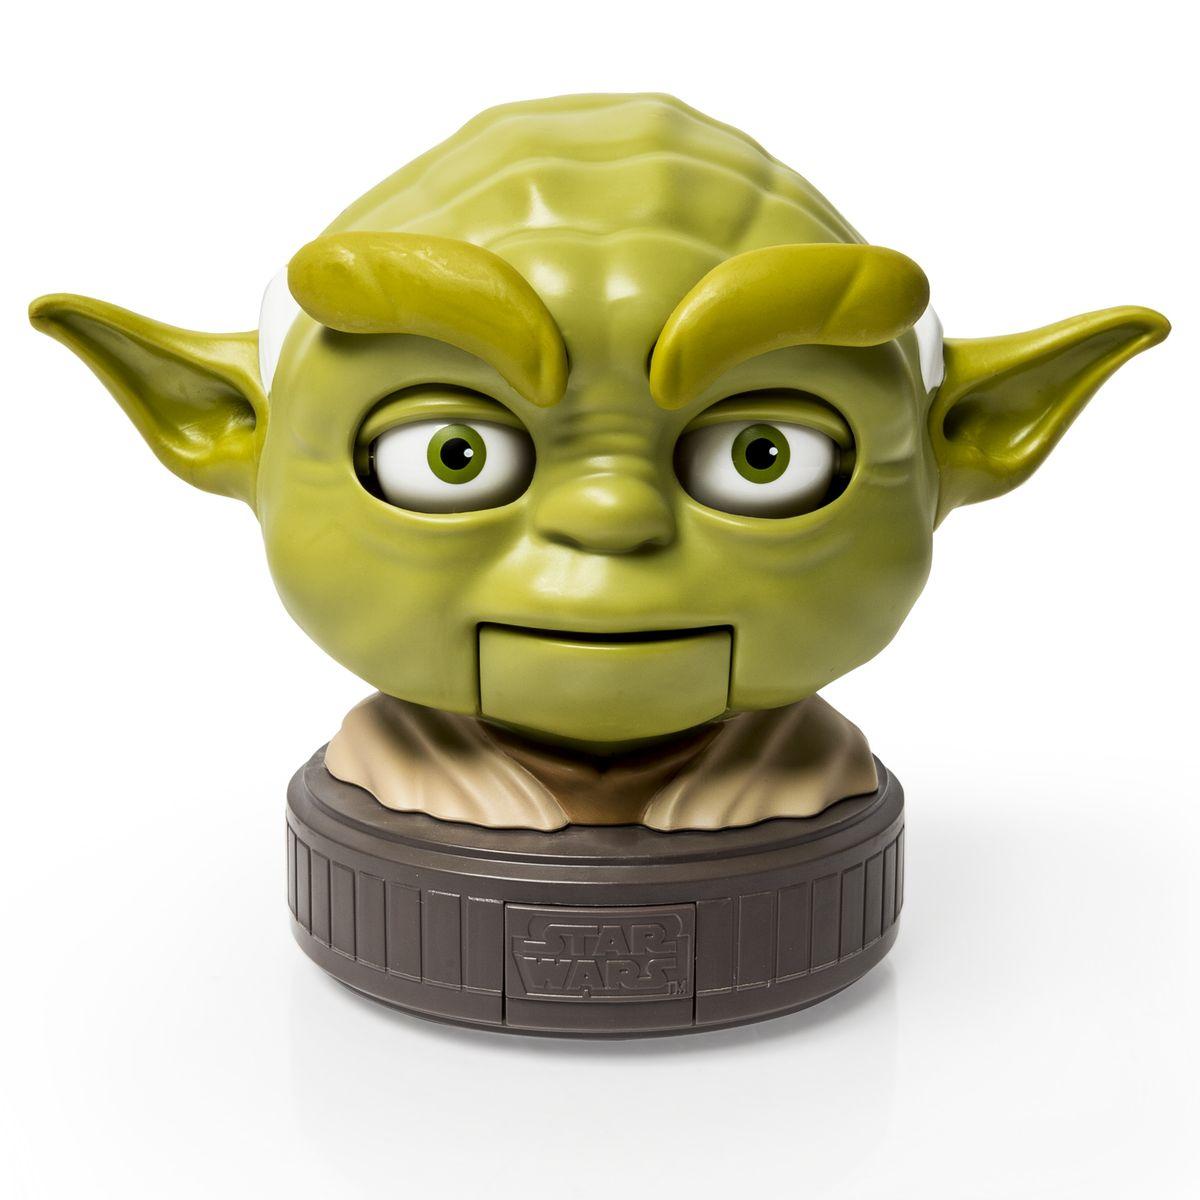 Star Wars Игрушка Spinmaster Бормочущая голова Йоды52109Бормочущая голова Йоды - оригинальная игрушка, которая, несомненно, понравится каждому ребенку и всем поклонникам знаменитой киноэпопеи Звездные войны (Star Wars). Известный всем и каждому, один из главных героев киносаги Star Wars, мастер Йода, представлен в виде разговаривающей головы. Йода произносит 6 фраз на английском языке. Лицо мастера не только выполнено максимально правдоподобно и напоминает оригинал, но и обладает мимикой, может шевелить губами, глазами и бровями во время разговора. Игрушка начинает разговаривать после нажатия на кнопку на подставке, на которой зафиксирована голова Йоды. Для работы необходимо 3 батарейки типа ААА (комплектуется демонстрационными).